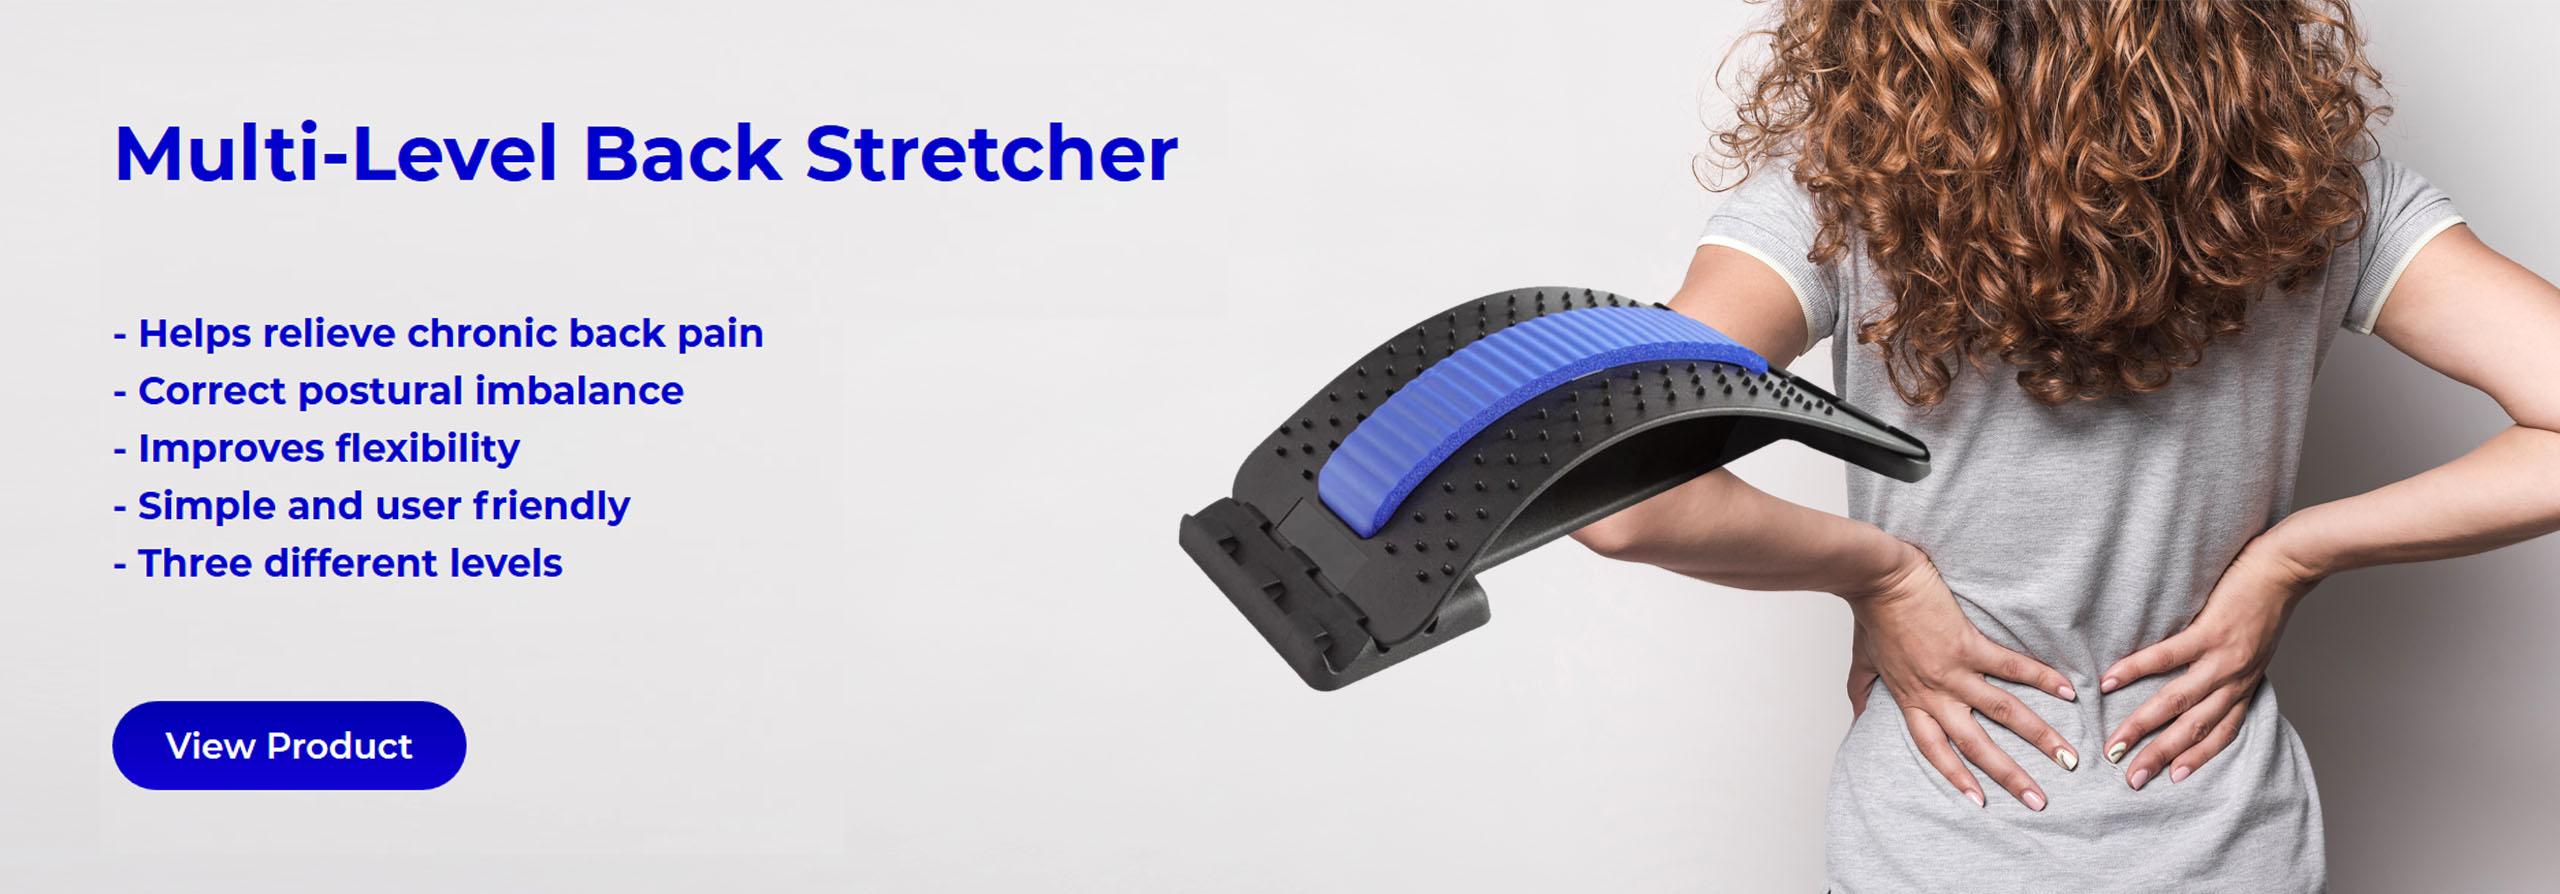 back-streacher-manhattan-wellness-02